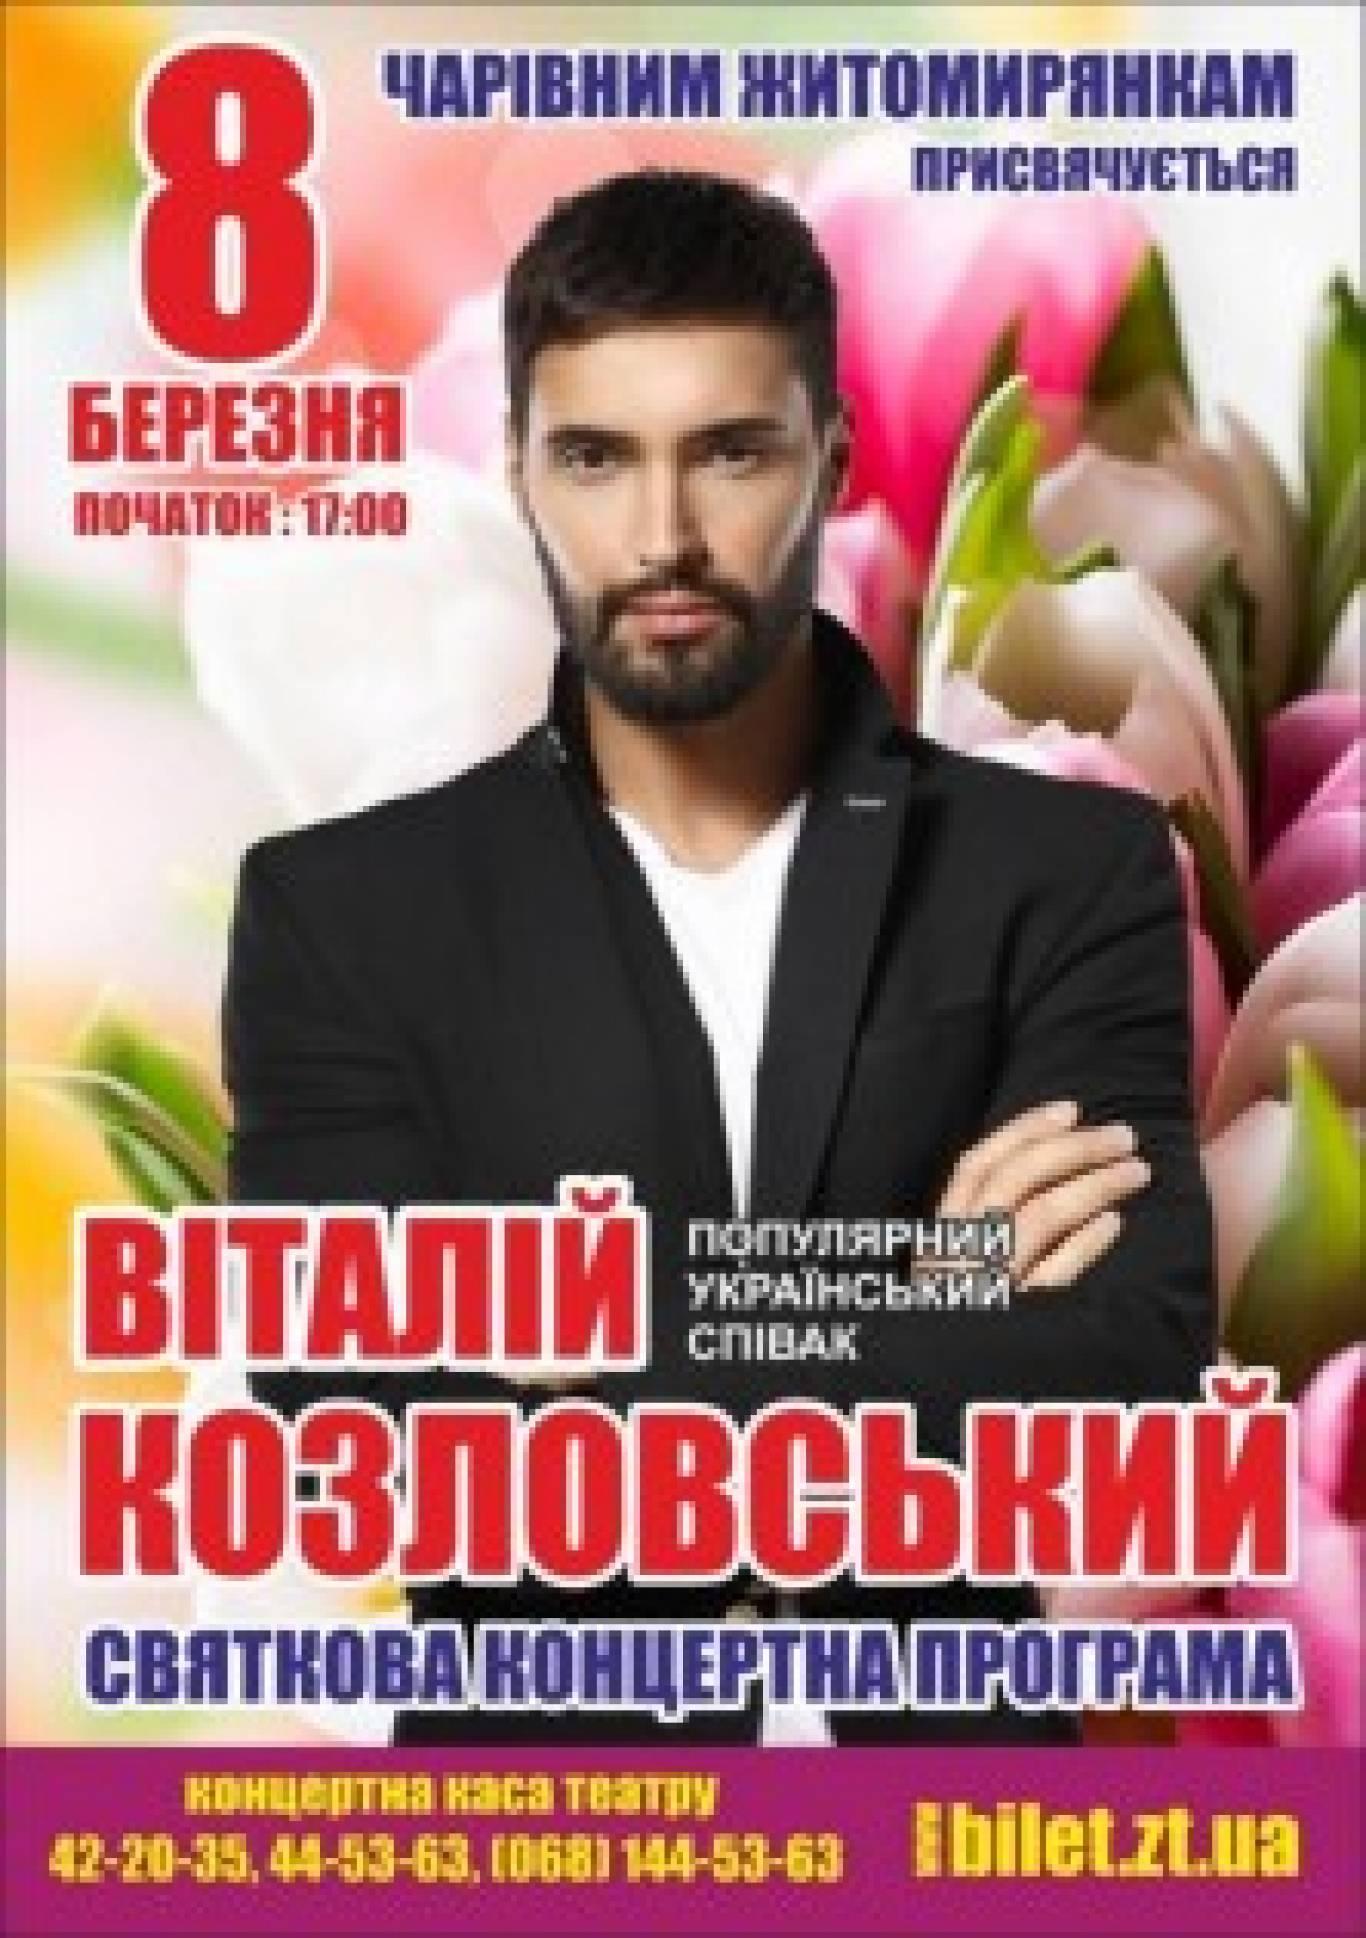 Святковий концерт Віталія Козловського